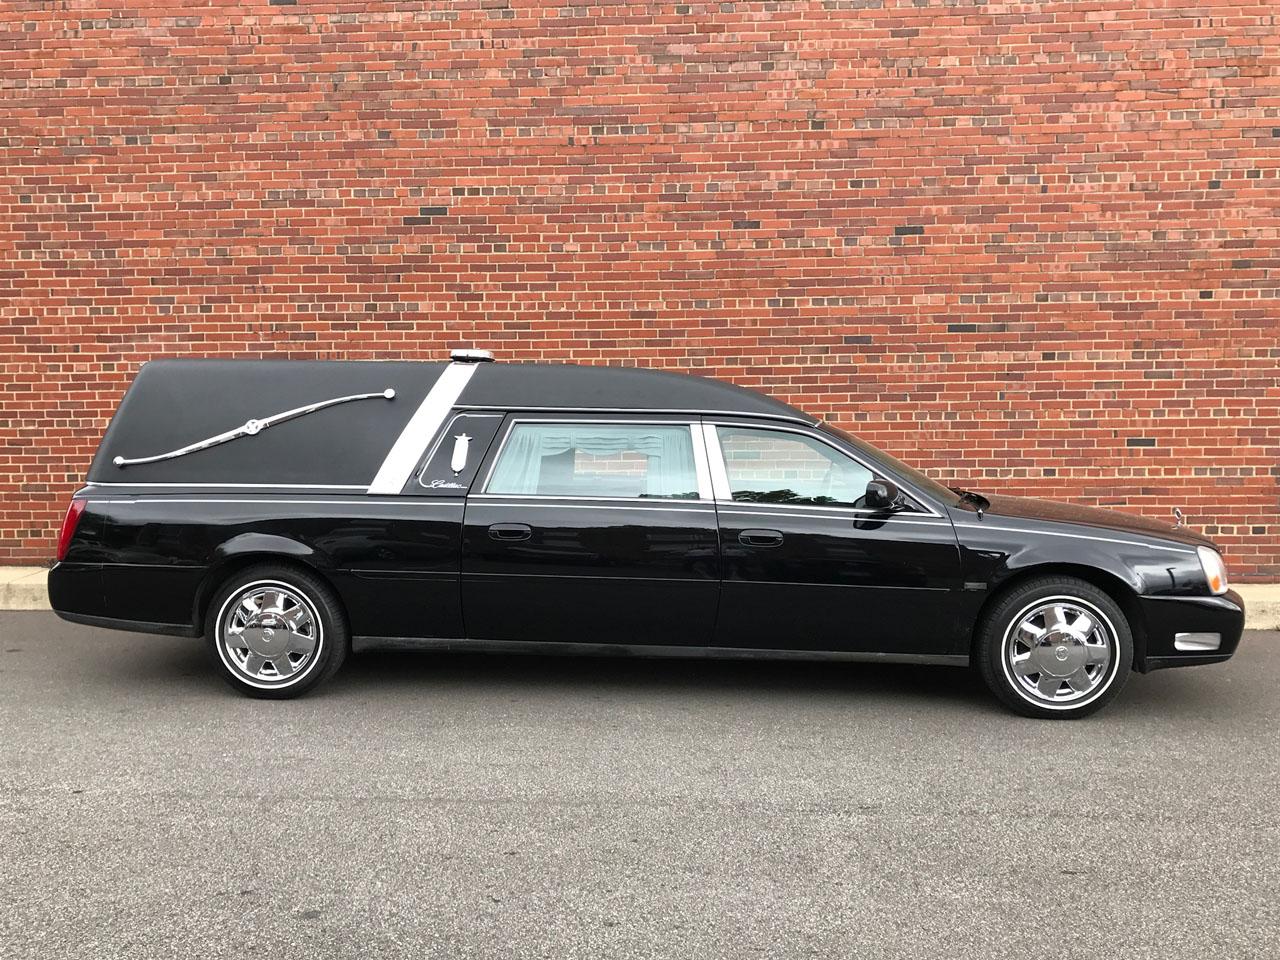 2001 Cadillac Eagle Ultimate Hearse